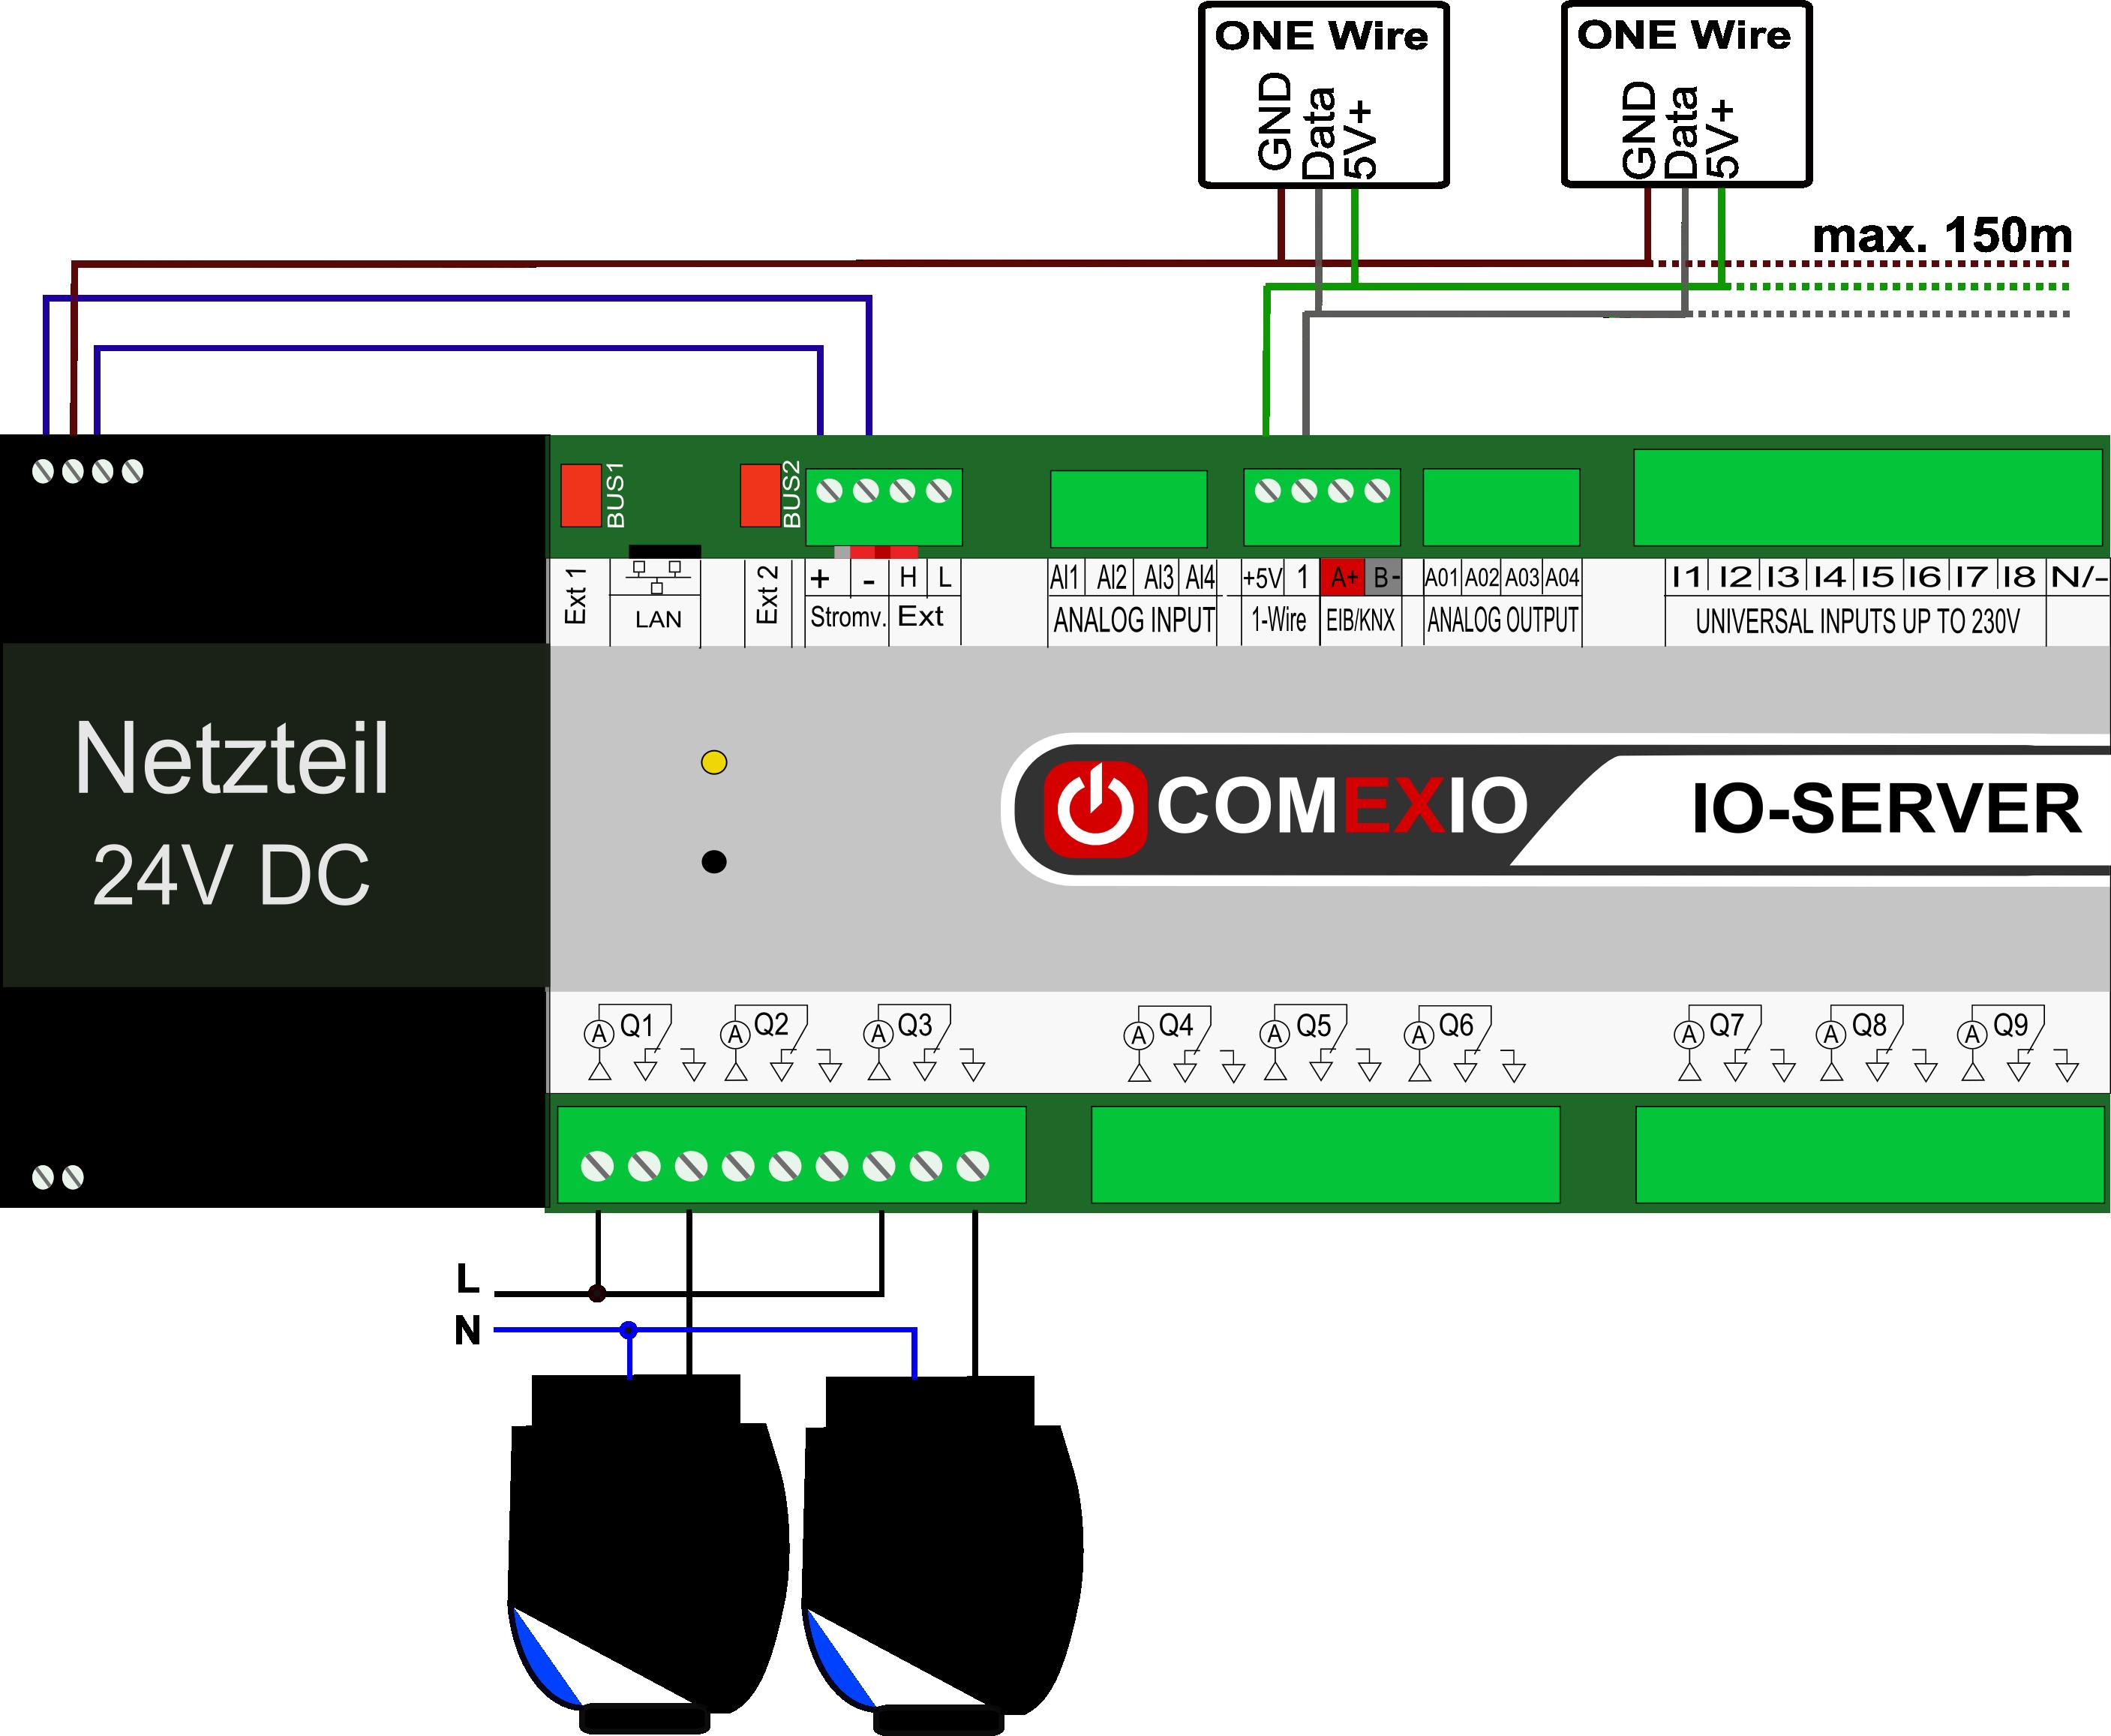 Heizungssteuerung mit 1-Wire Temperatursensoren und Stellventilen